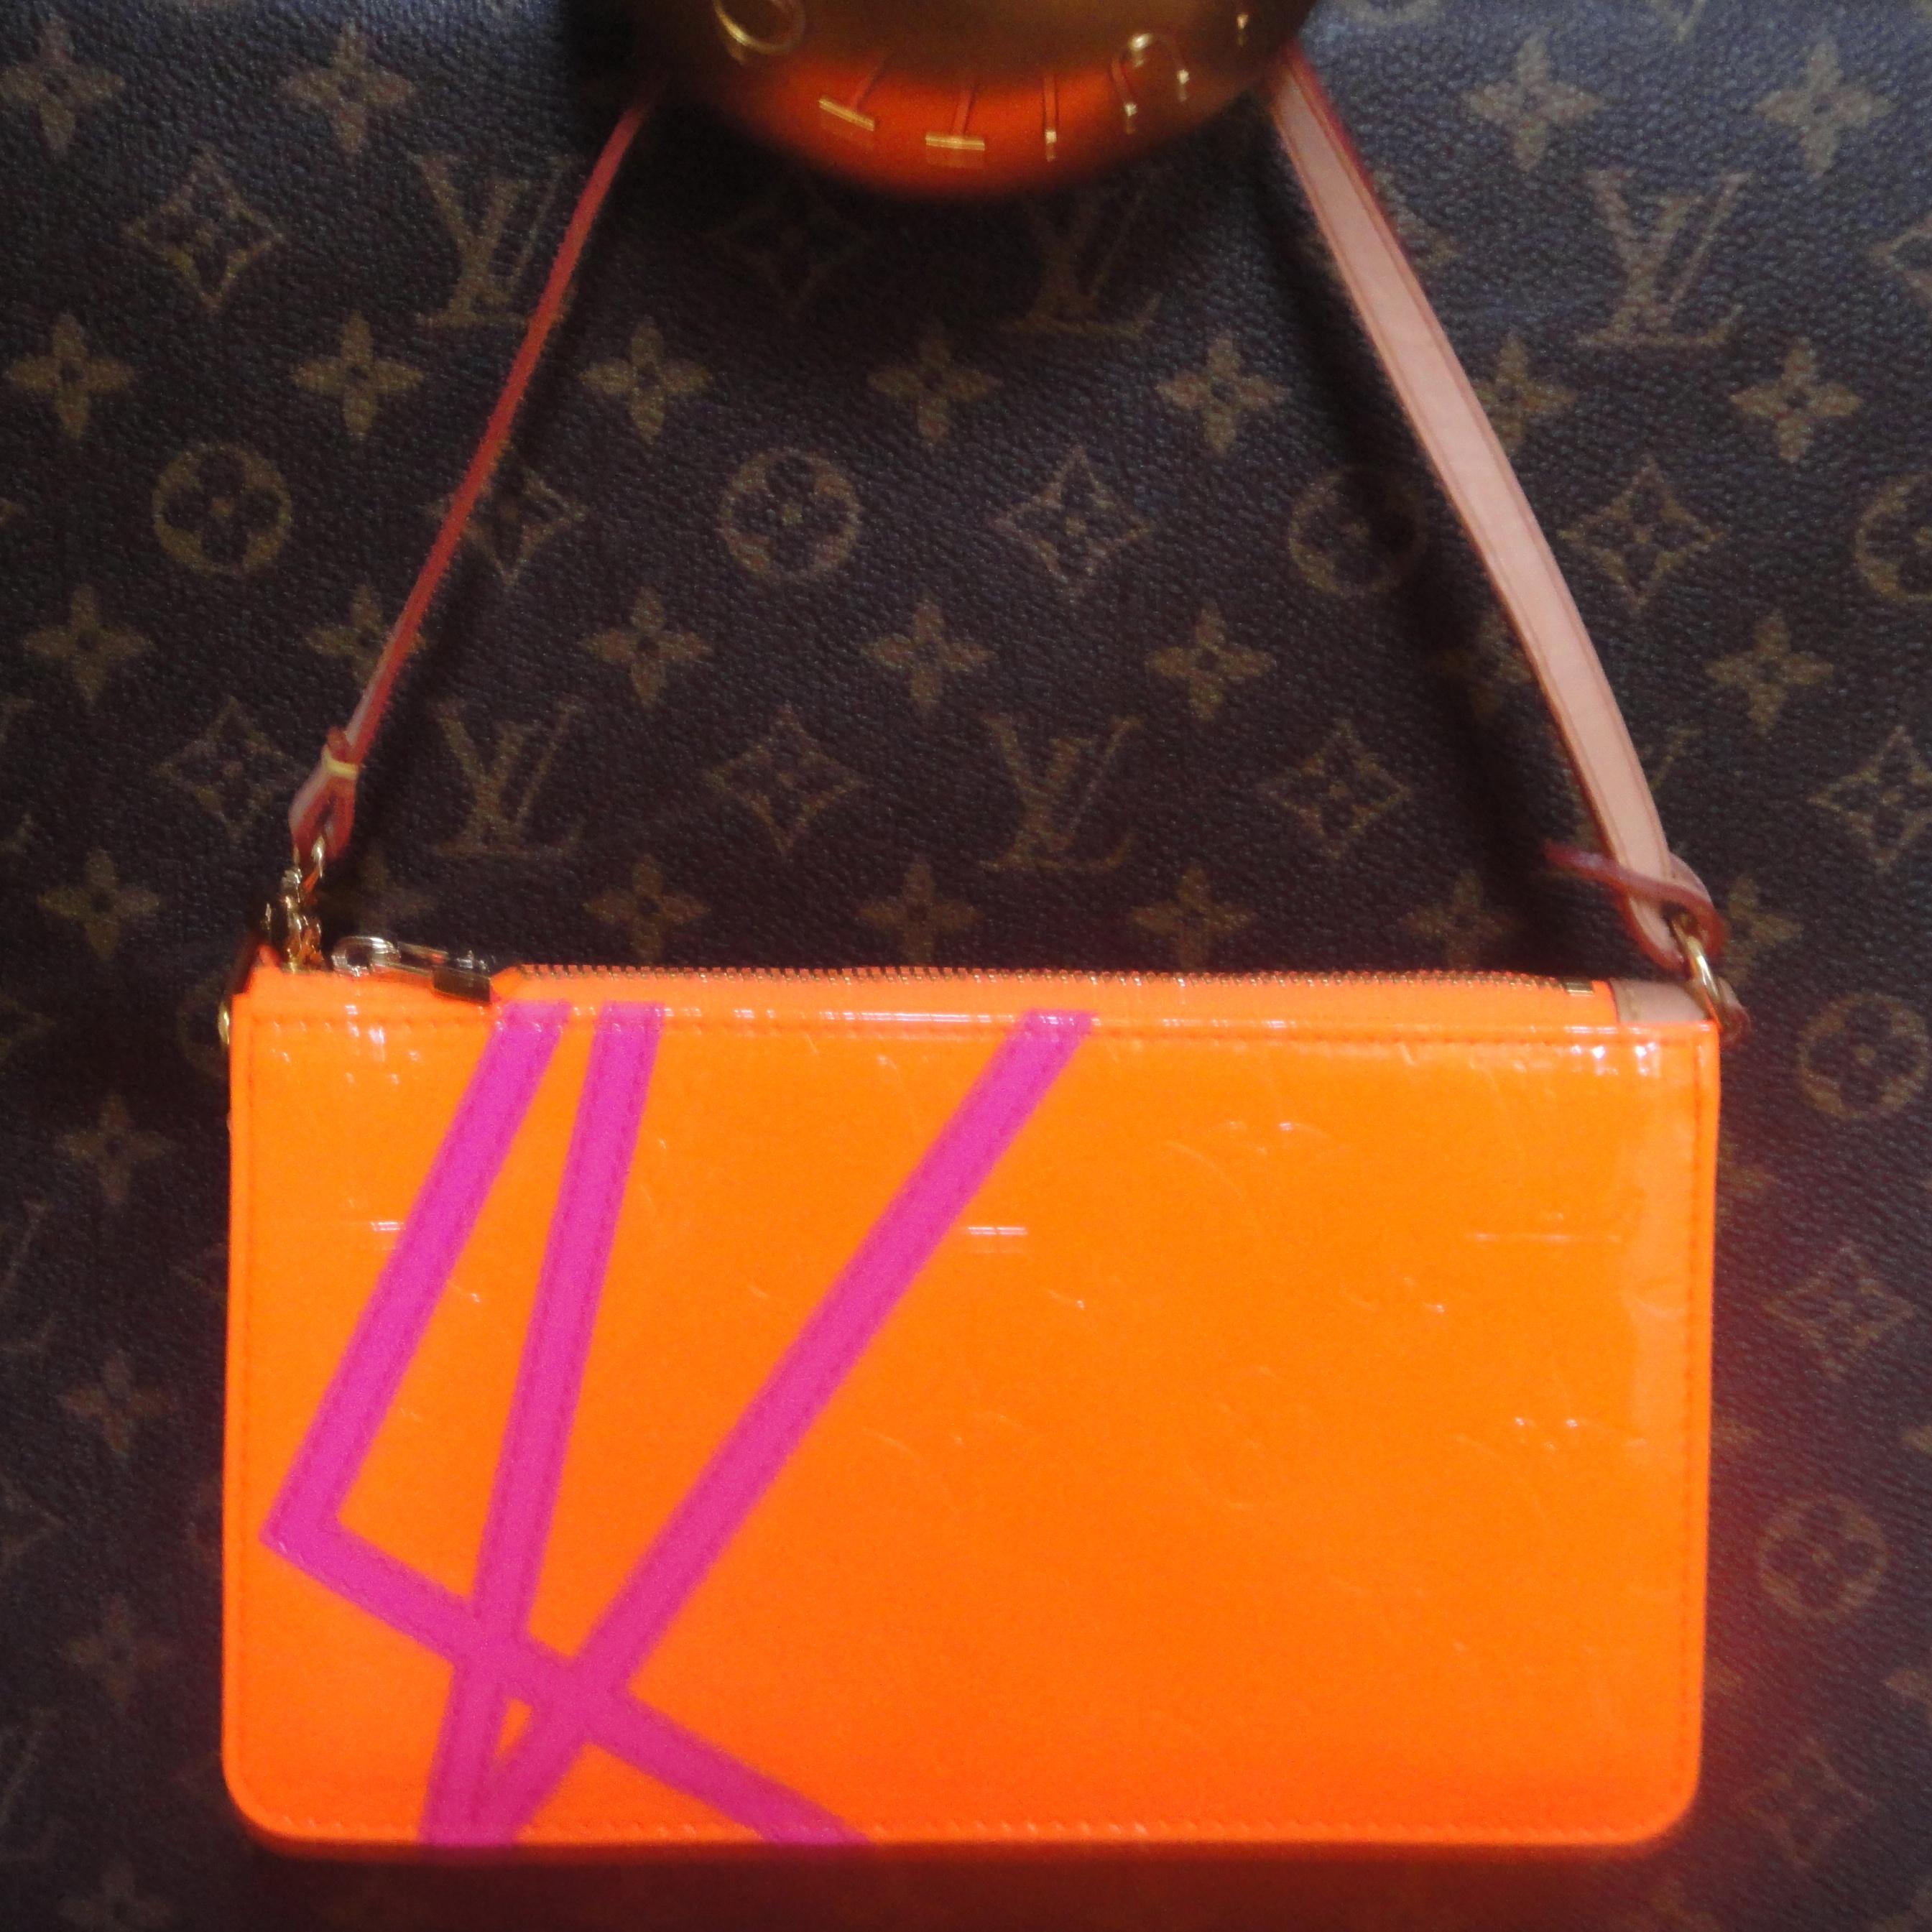 Louis Vuitton Vernis Fluo Robert Wilson